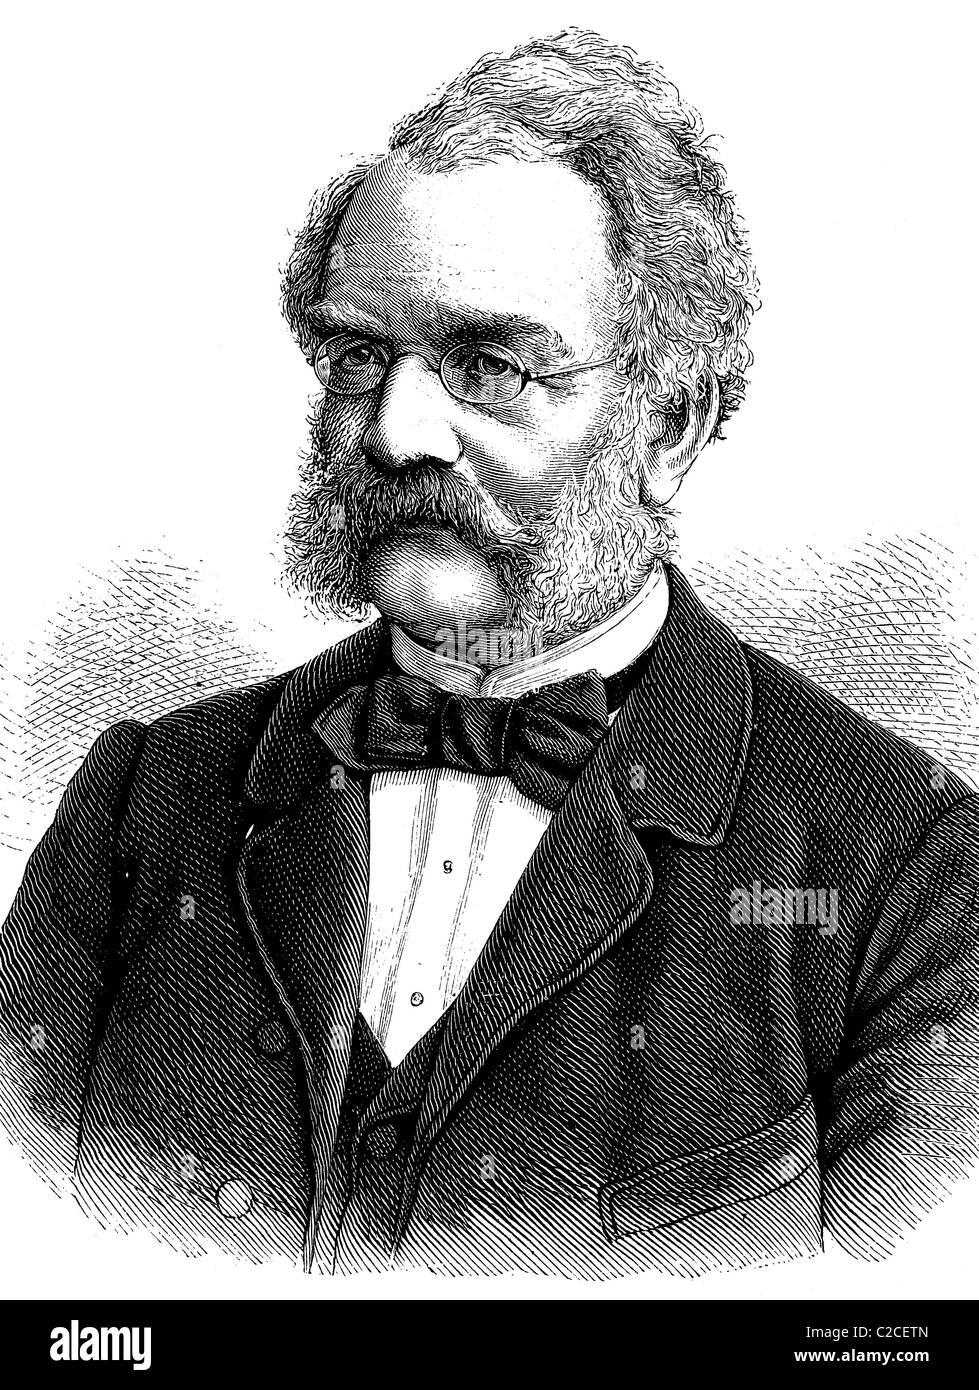 Werner von Siemens, 1816-1892, Erfinder, Begründer der Elektrotechnik und Gründer der Siemens AG, historische Stockbild